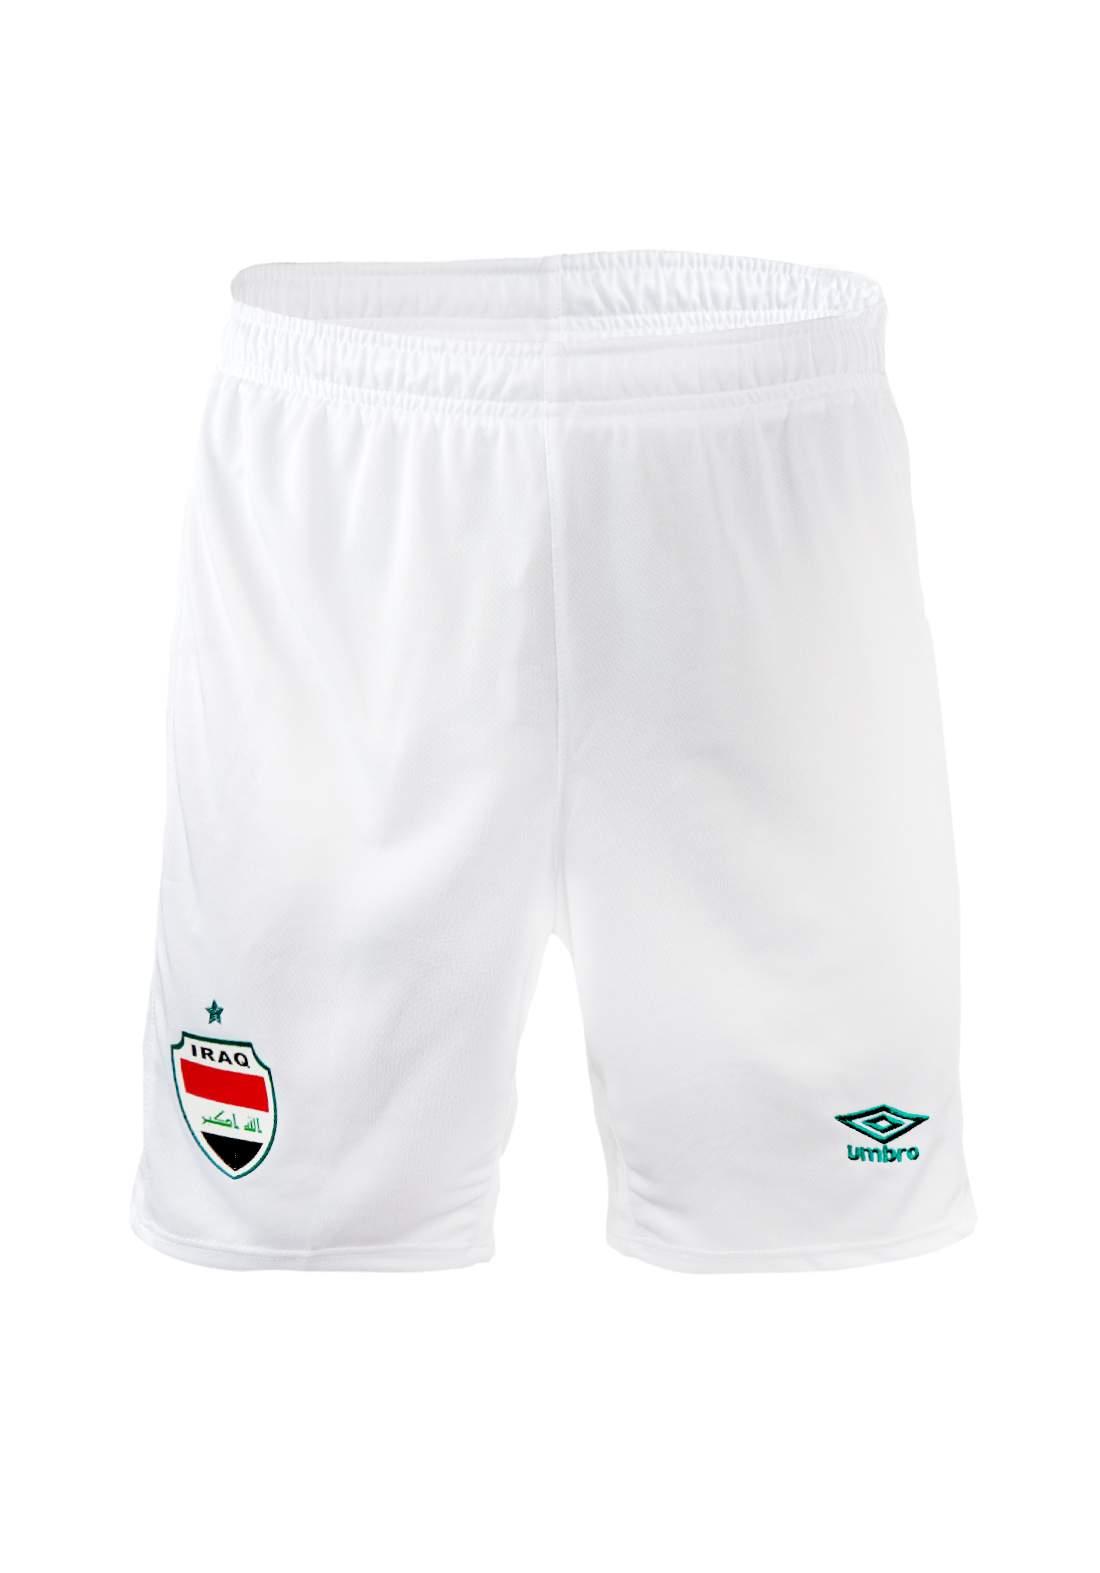 شورت المنتخب العراقي الرسمي - ابيض